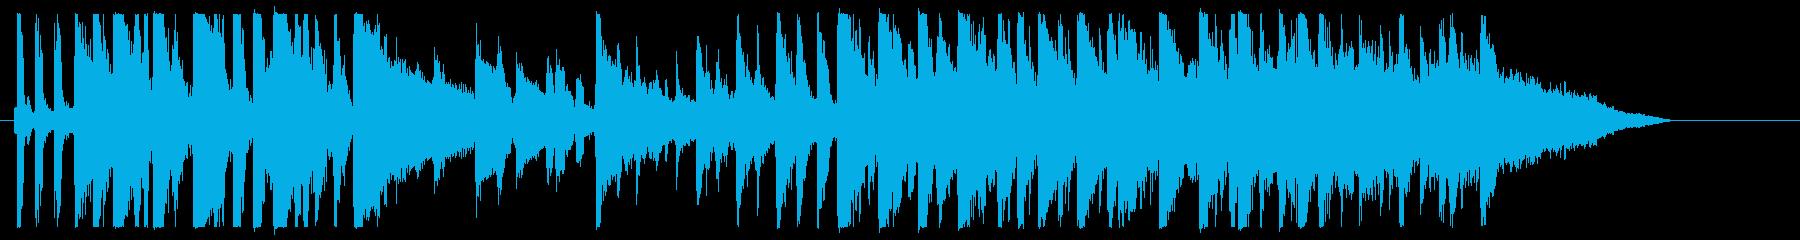 CM ギター 1本の道を果てし無く進むの再生済みの波形